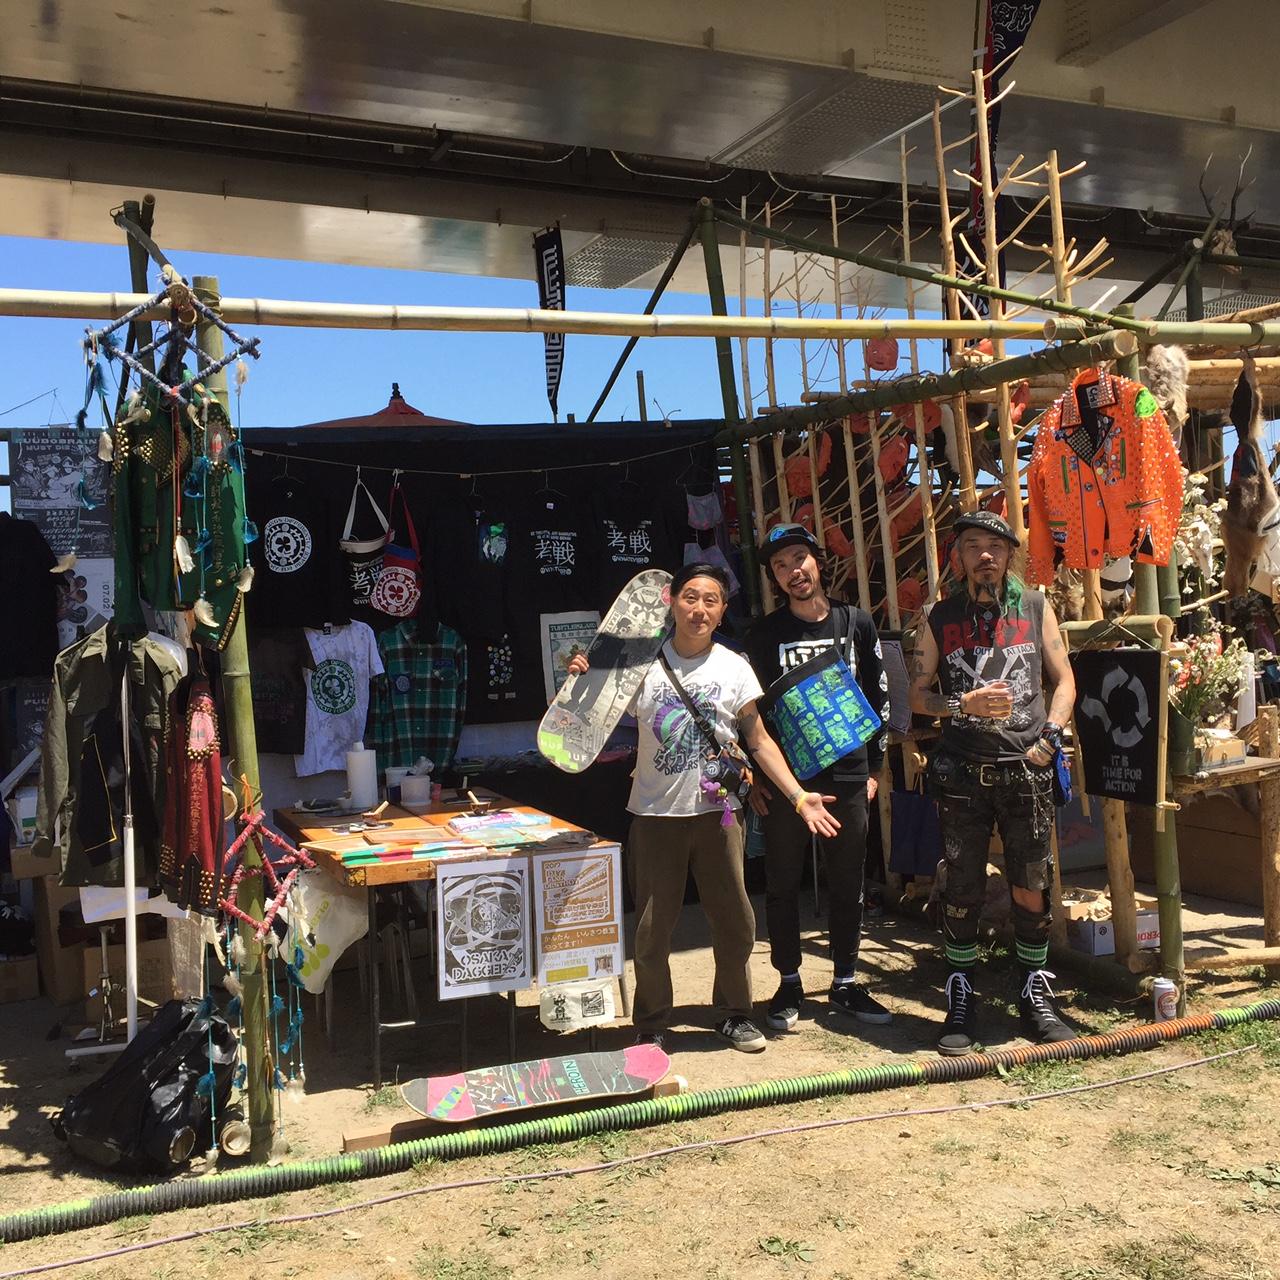 [レポート]橋の下世界音楽祭-SOUL BEAT ZERO 2017-  参加ブランド:ACT.AFP.WHATEVER